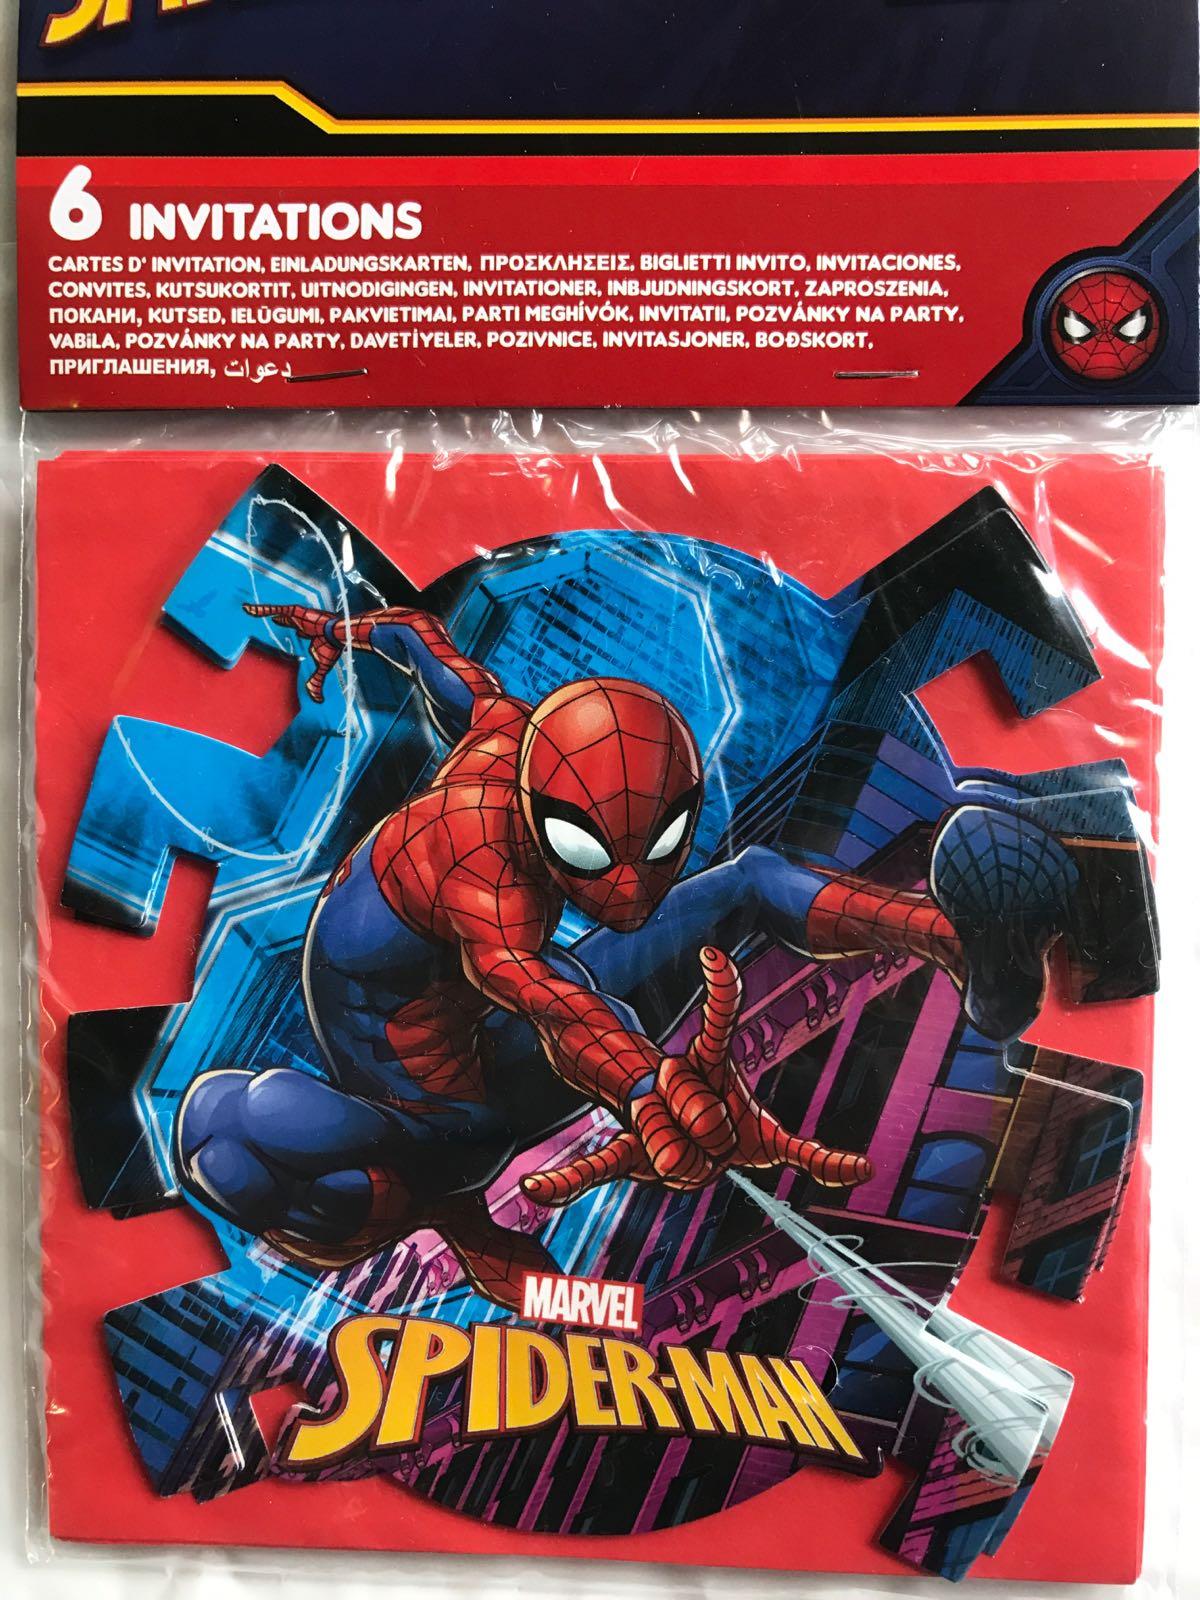 Spider-Man kalas inbjudningar